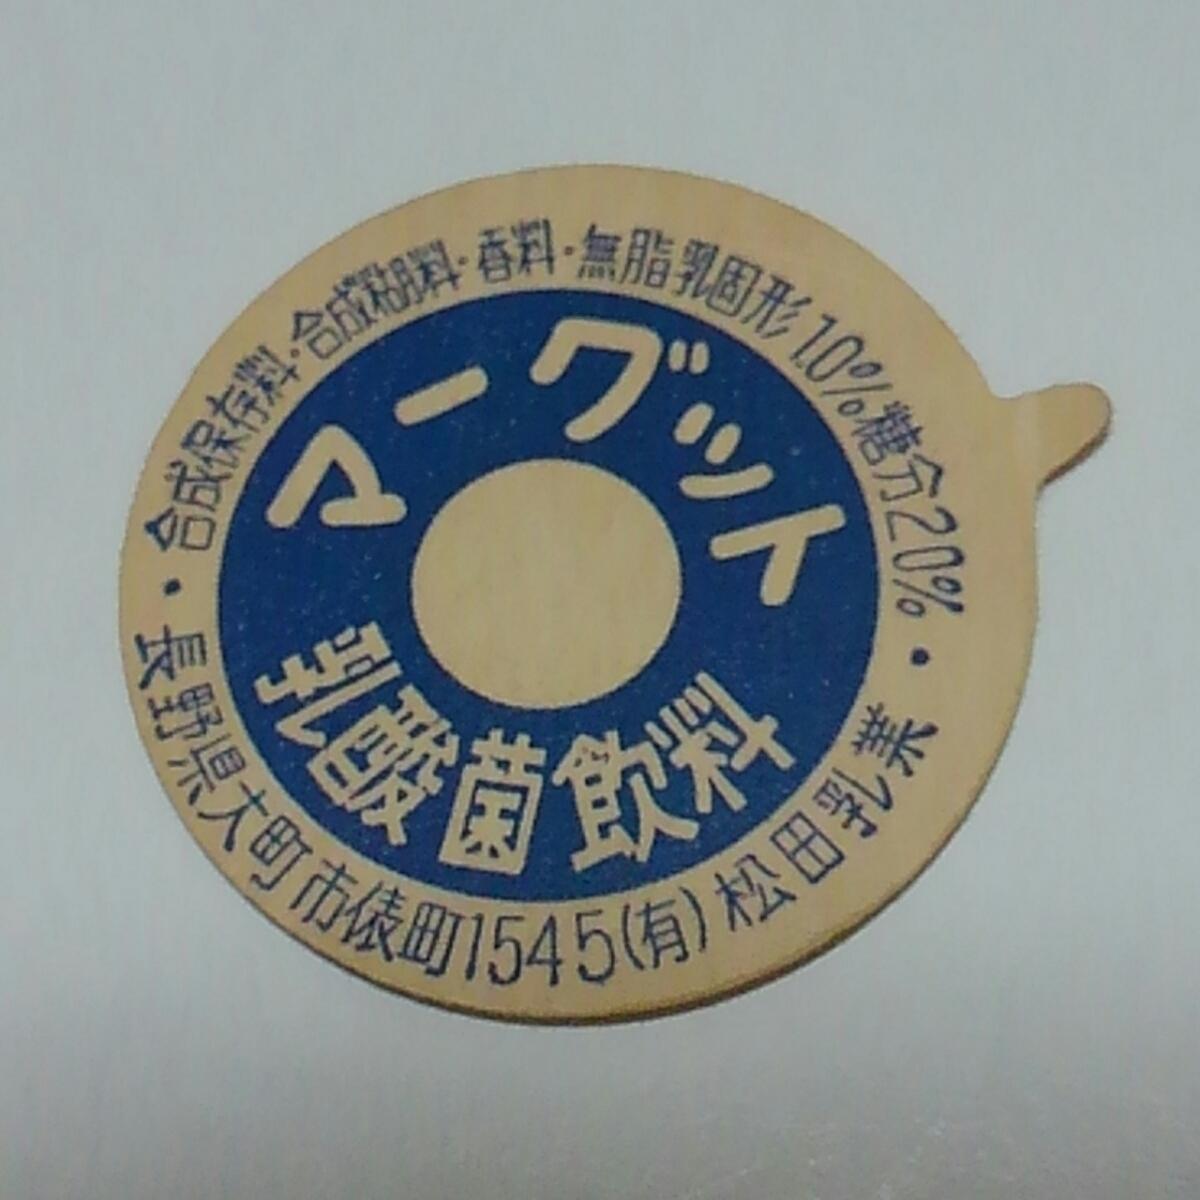 【牛乳キャップ】【レア】40年以上前 マーグット 未使用 長野県/(有)松田乳業